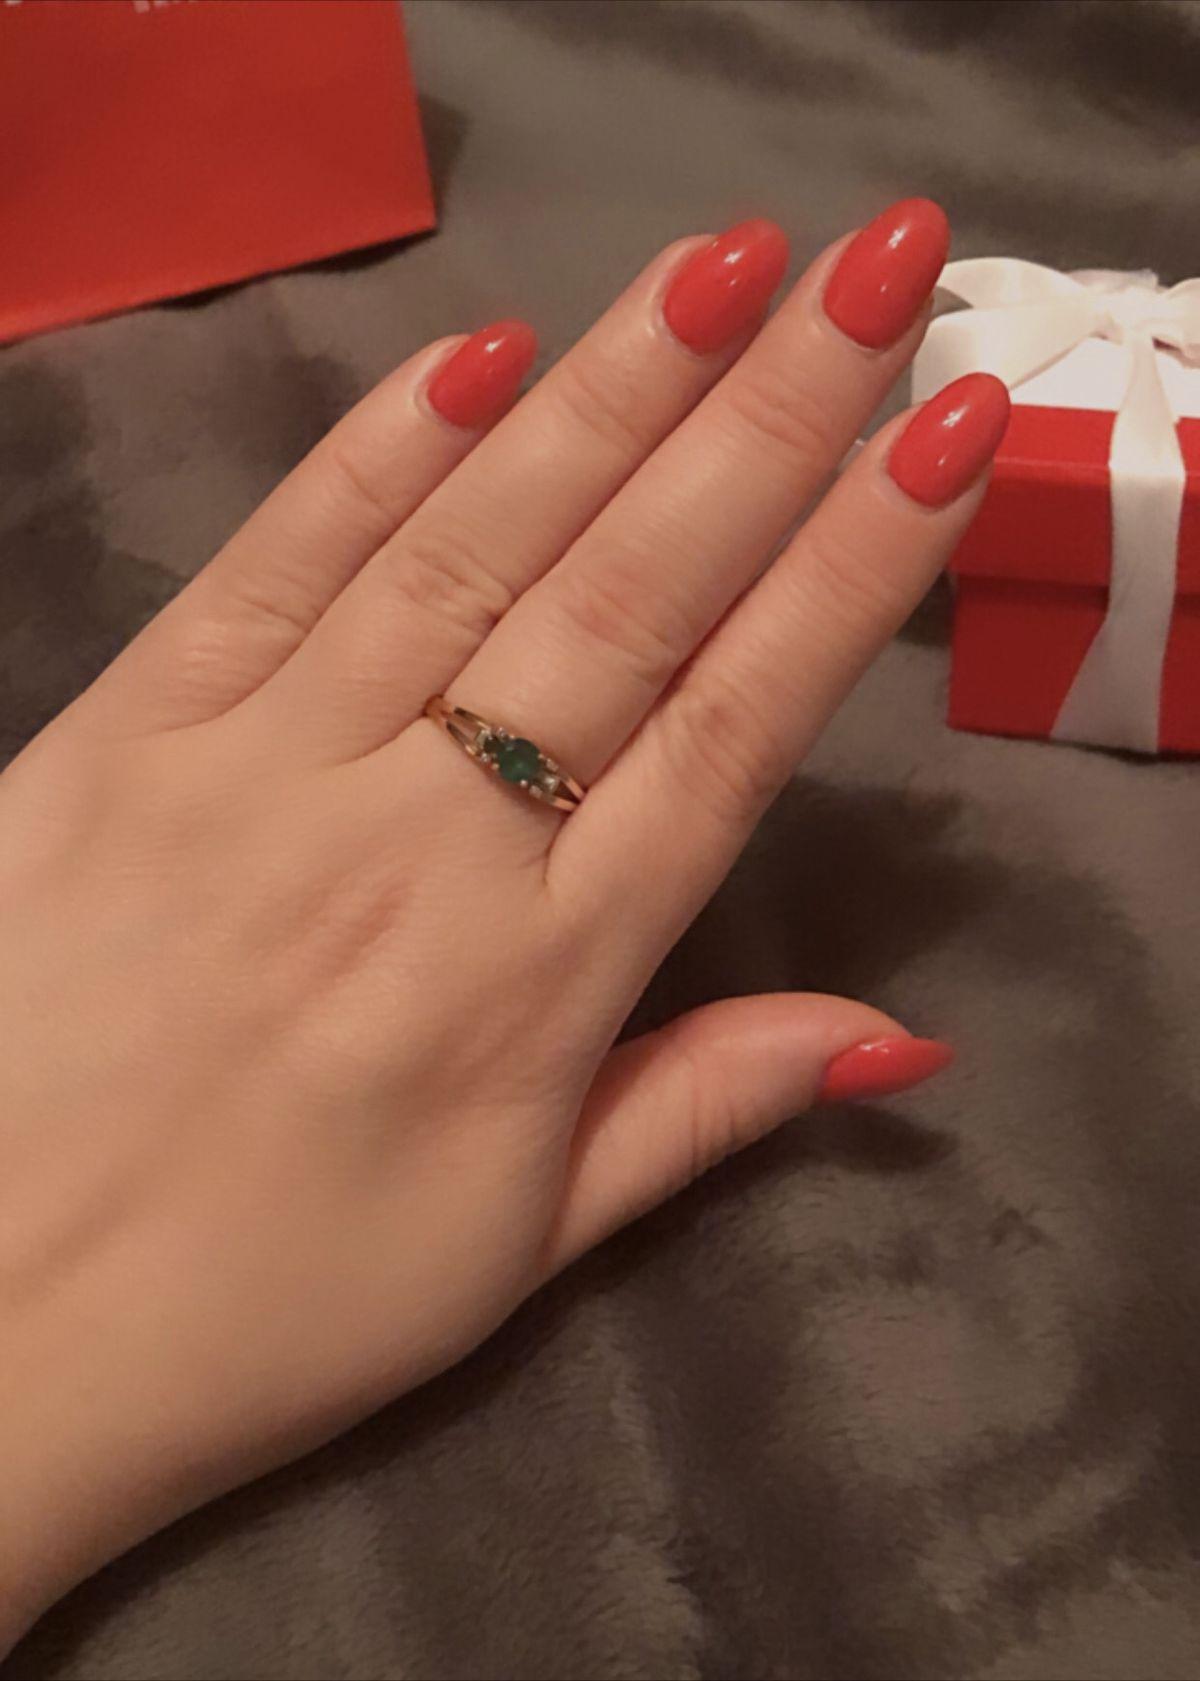 Кольцо с изумрудом моя мечта!